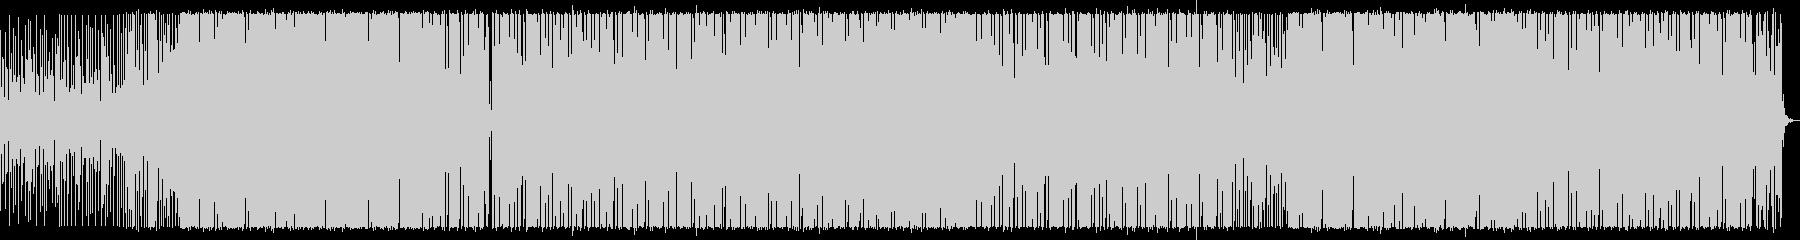 エネルギッシュなポップの未再生の波形